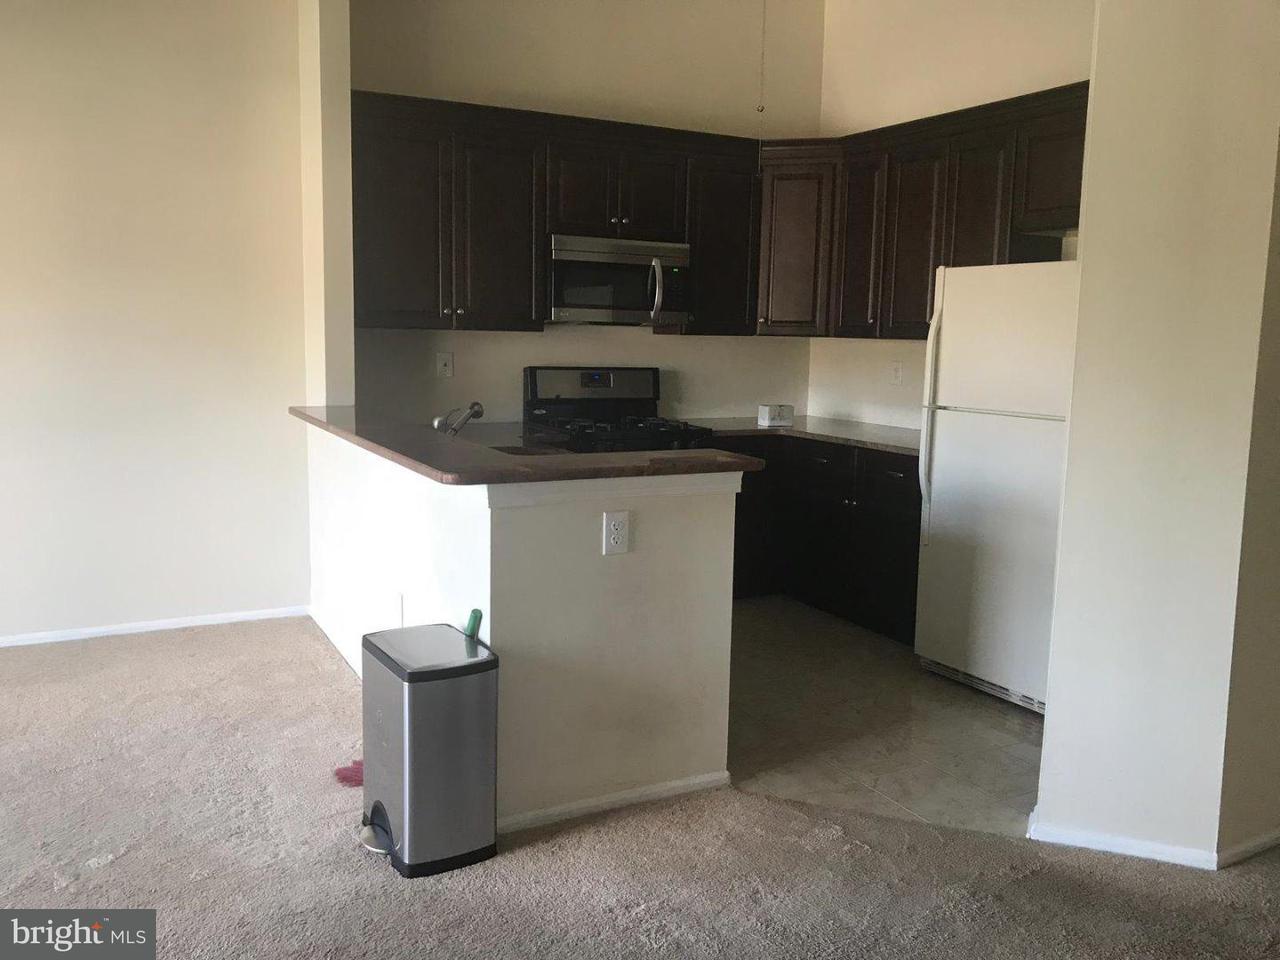 独户住宅 为 出租 在 4313 BAYBERRY Court South Brunswick Township, 新泽西州 08852 美国在/周边: South Brunswick Township